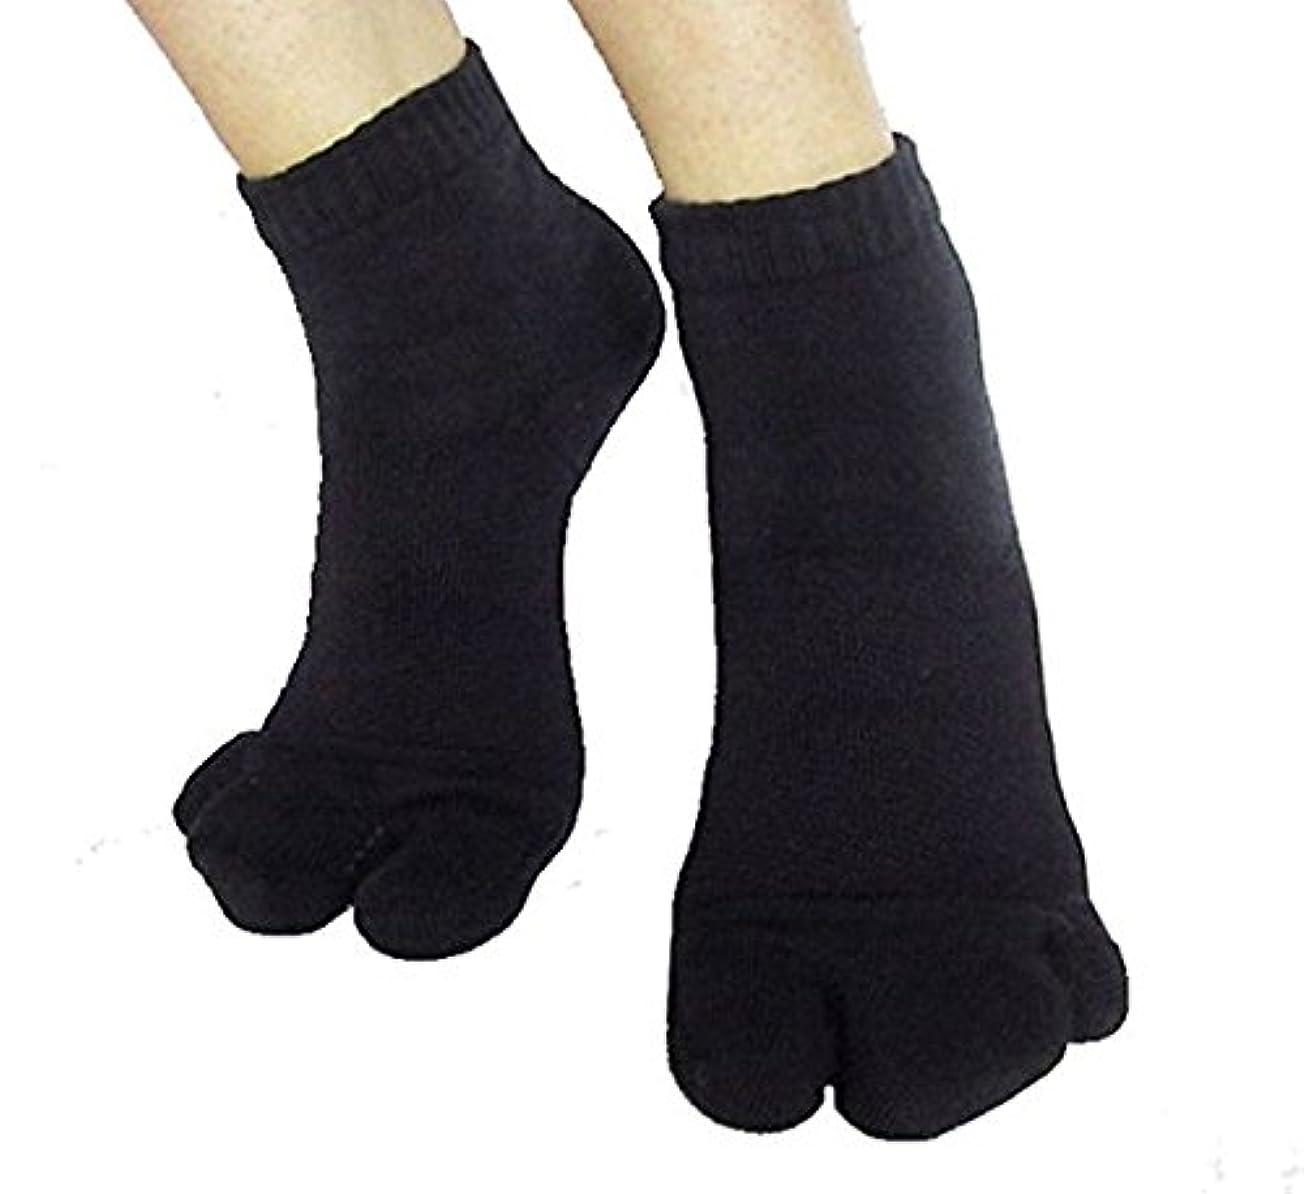 トレード除外する放射するカサハラ式サポーターソックス3本指靴下 (M(23.5-24.5))